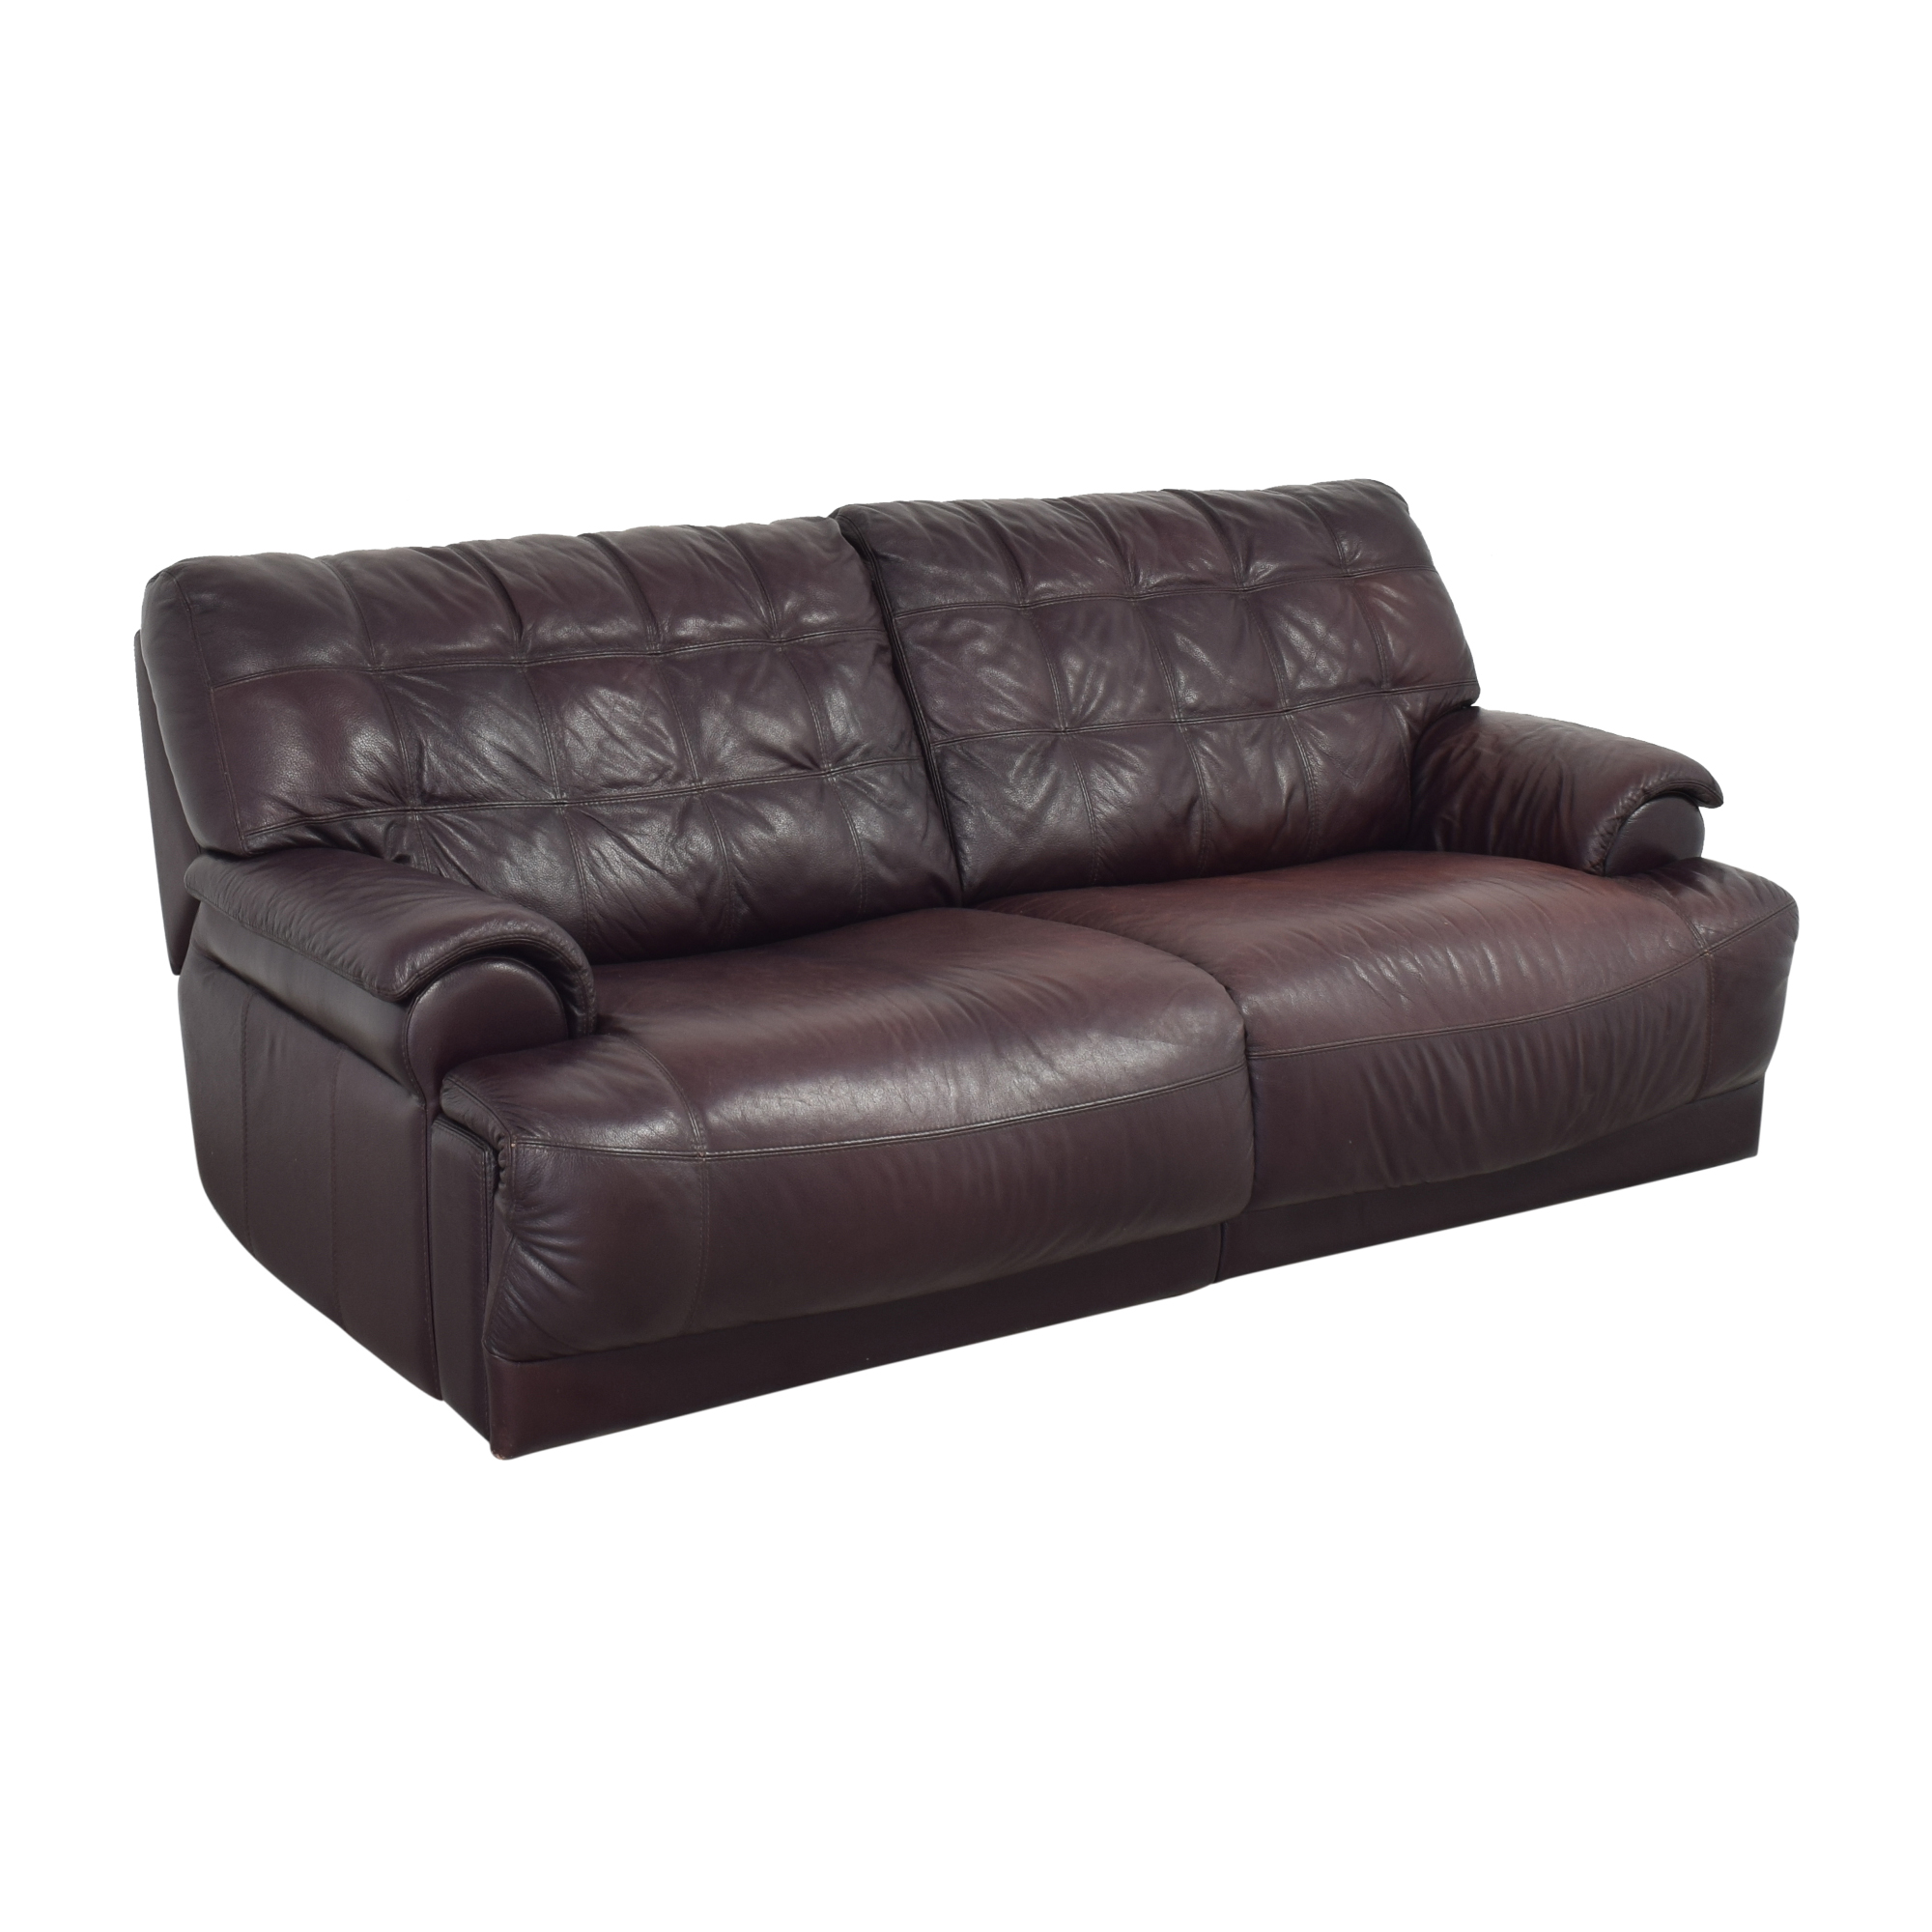 Macy's Macy's Two Cushion Reclining Sofa Sofas